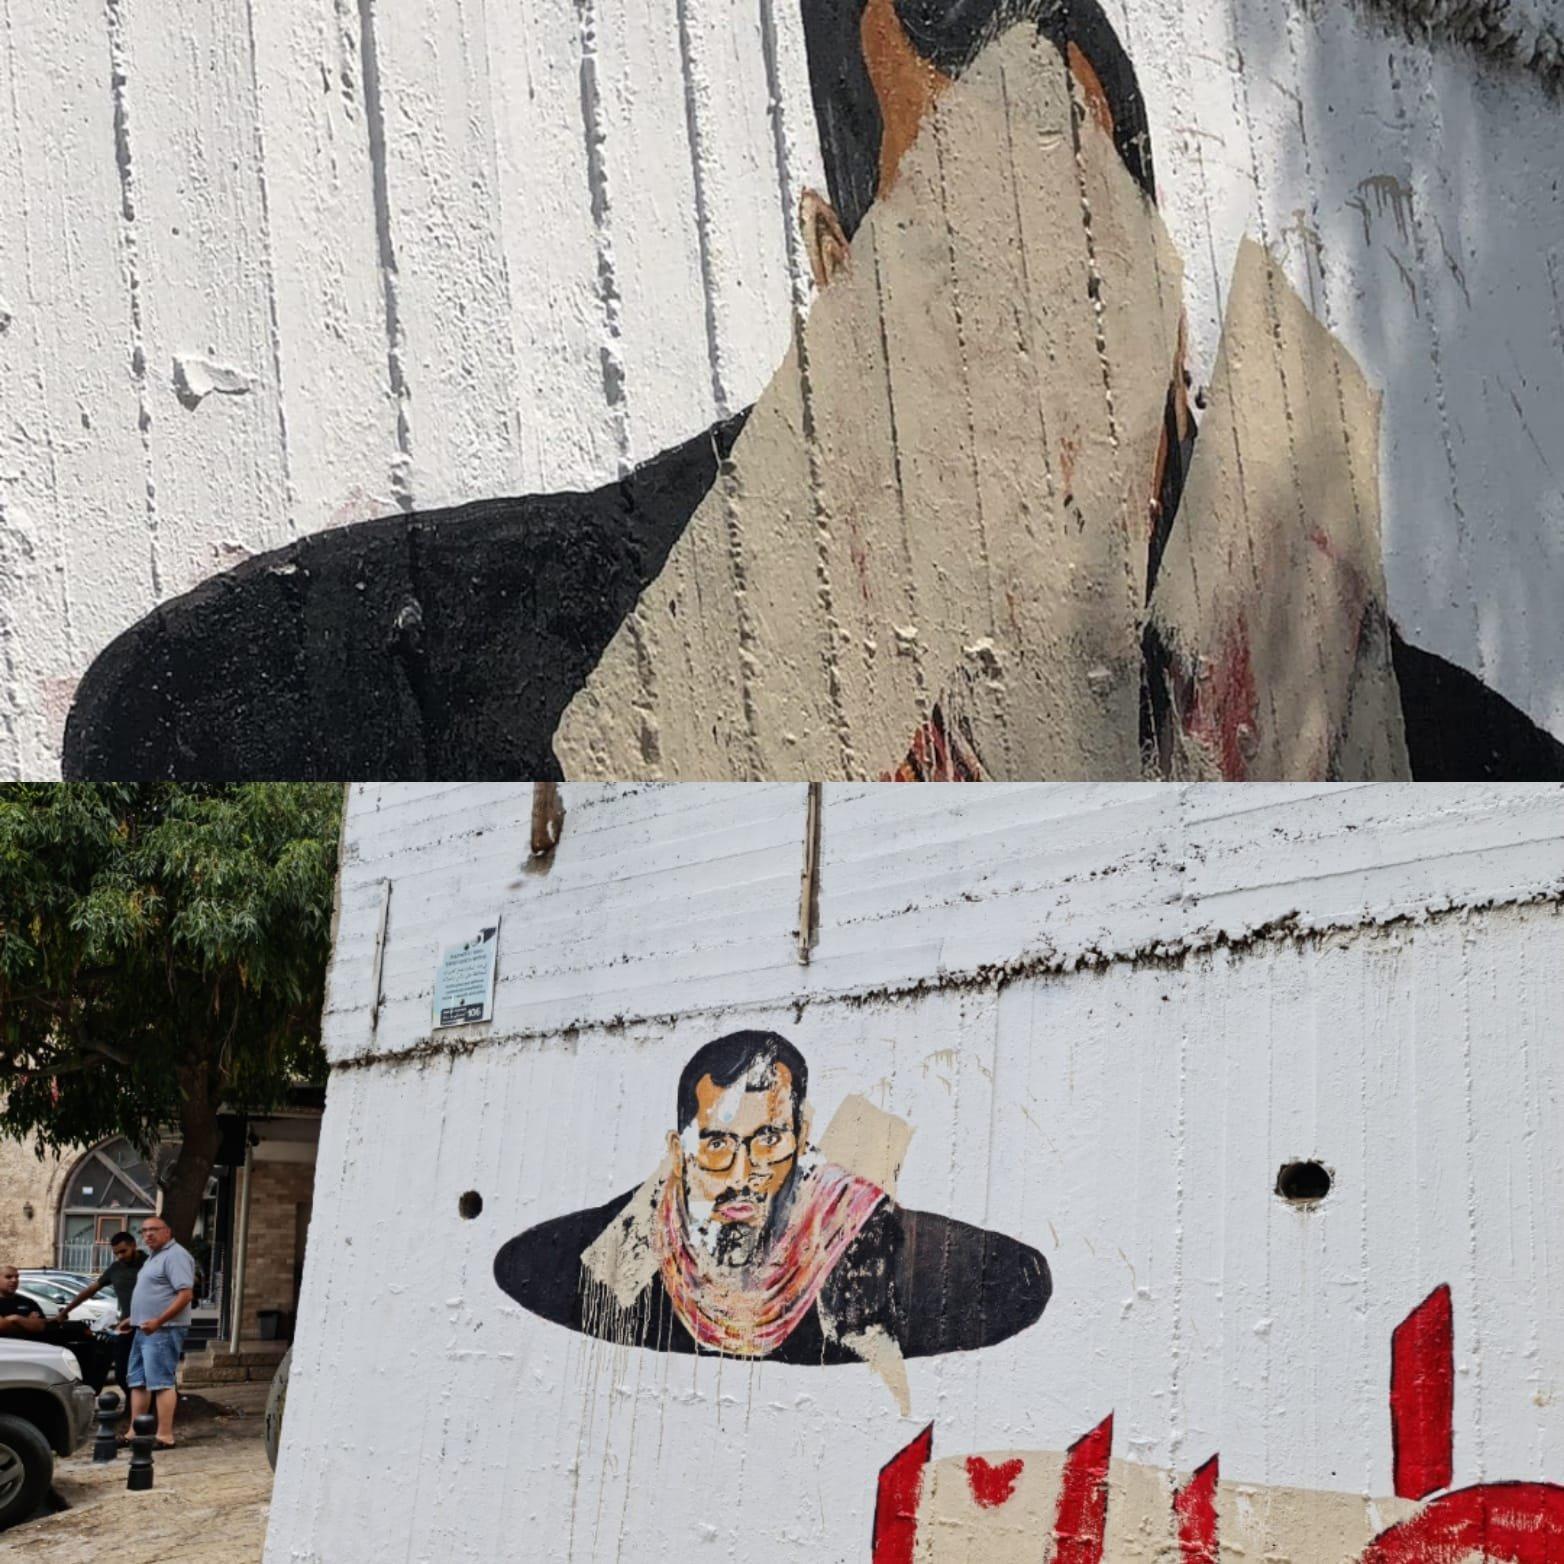 للمرة الرابعة.. تخريب الجداريات في مدينة الناصرة-1